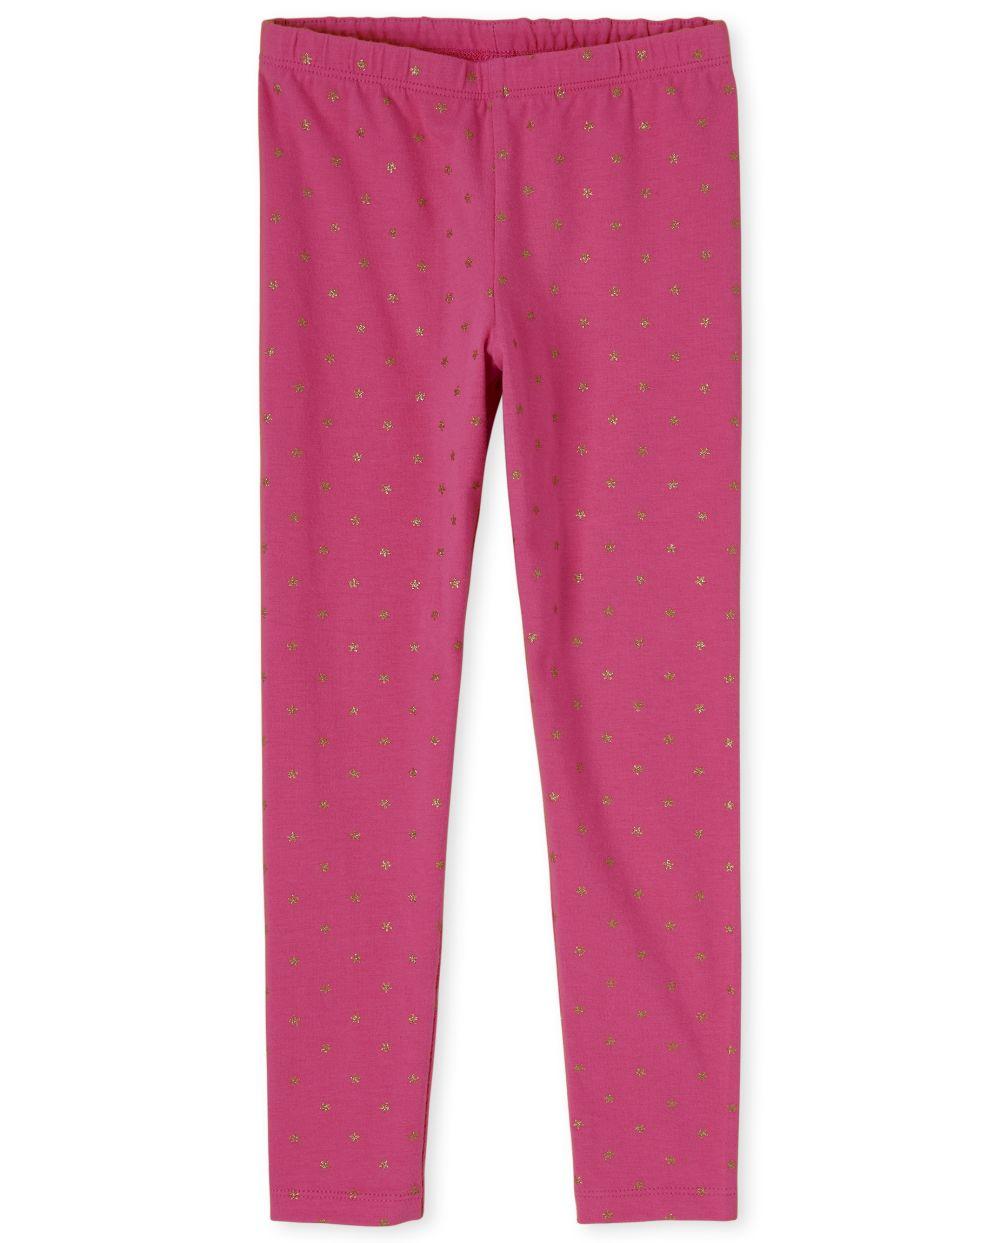 Girls Embellished Leggings - Pink